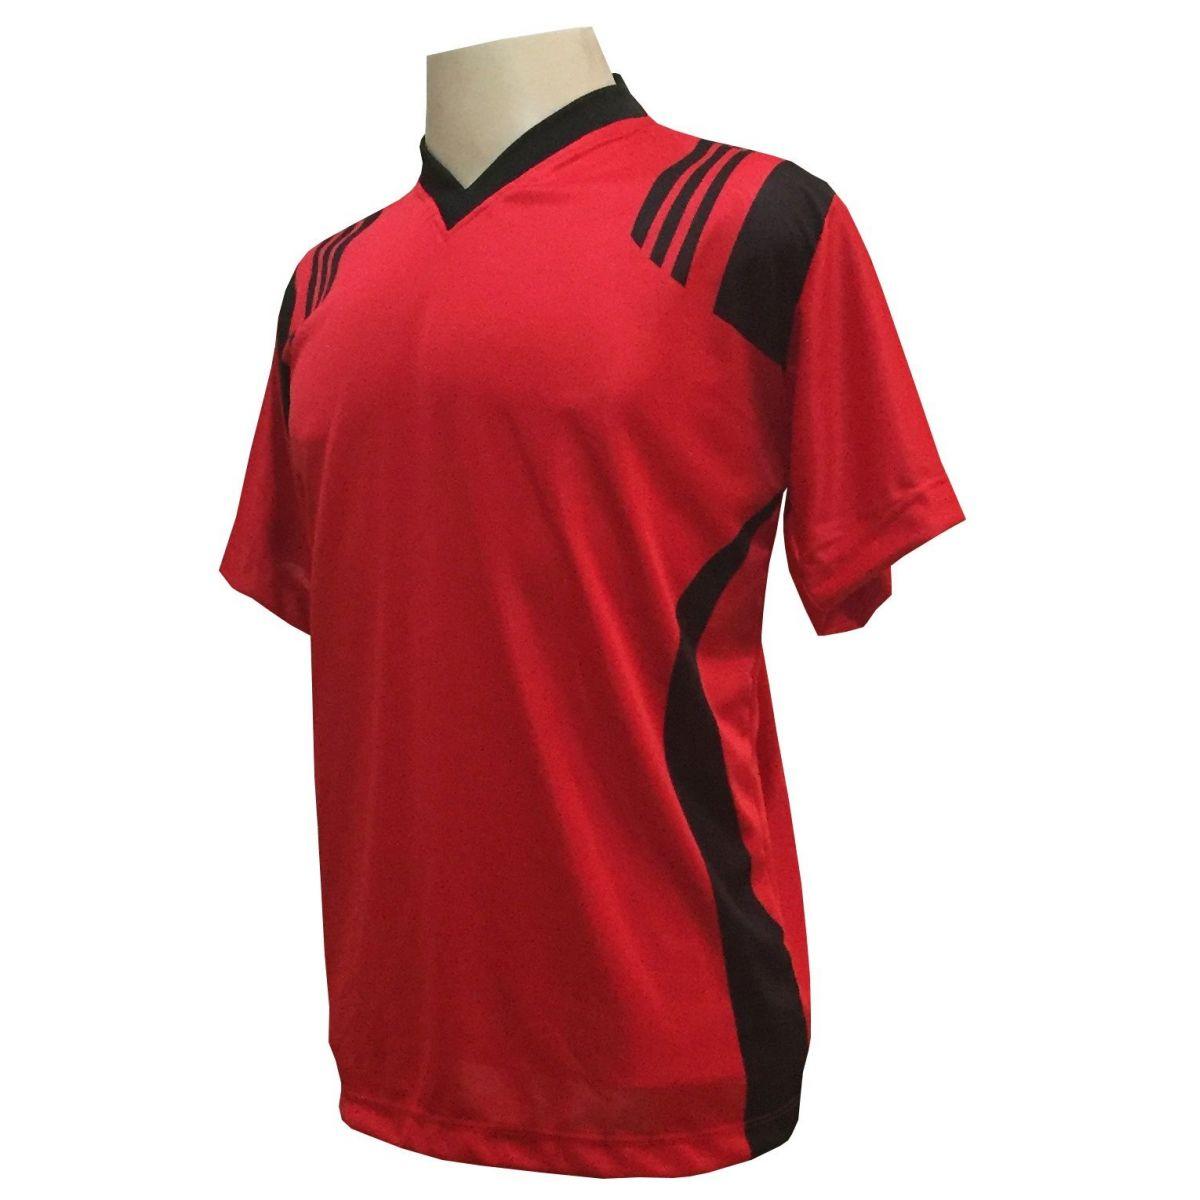 Jogo de Camisa com 18 unidades modelo Roma Vermelho/Preto + Brindes